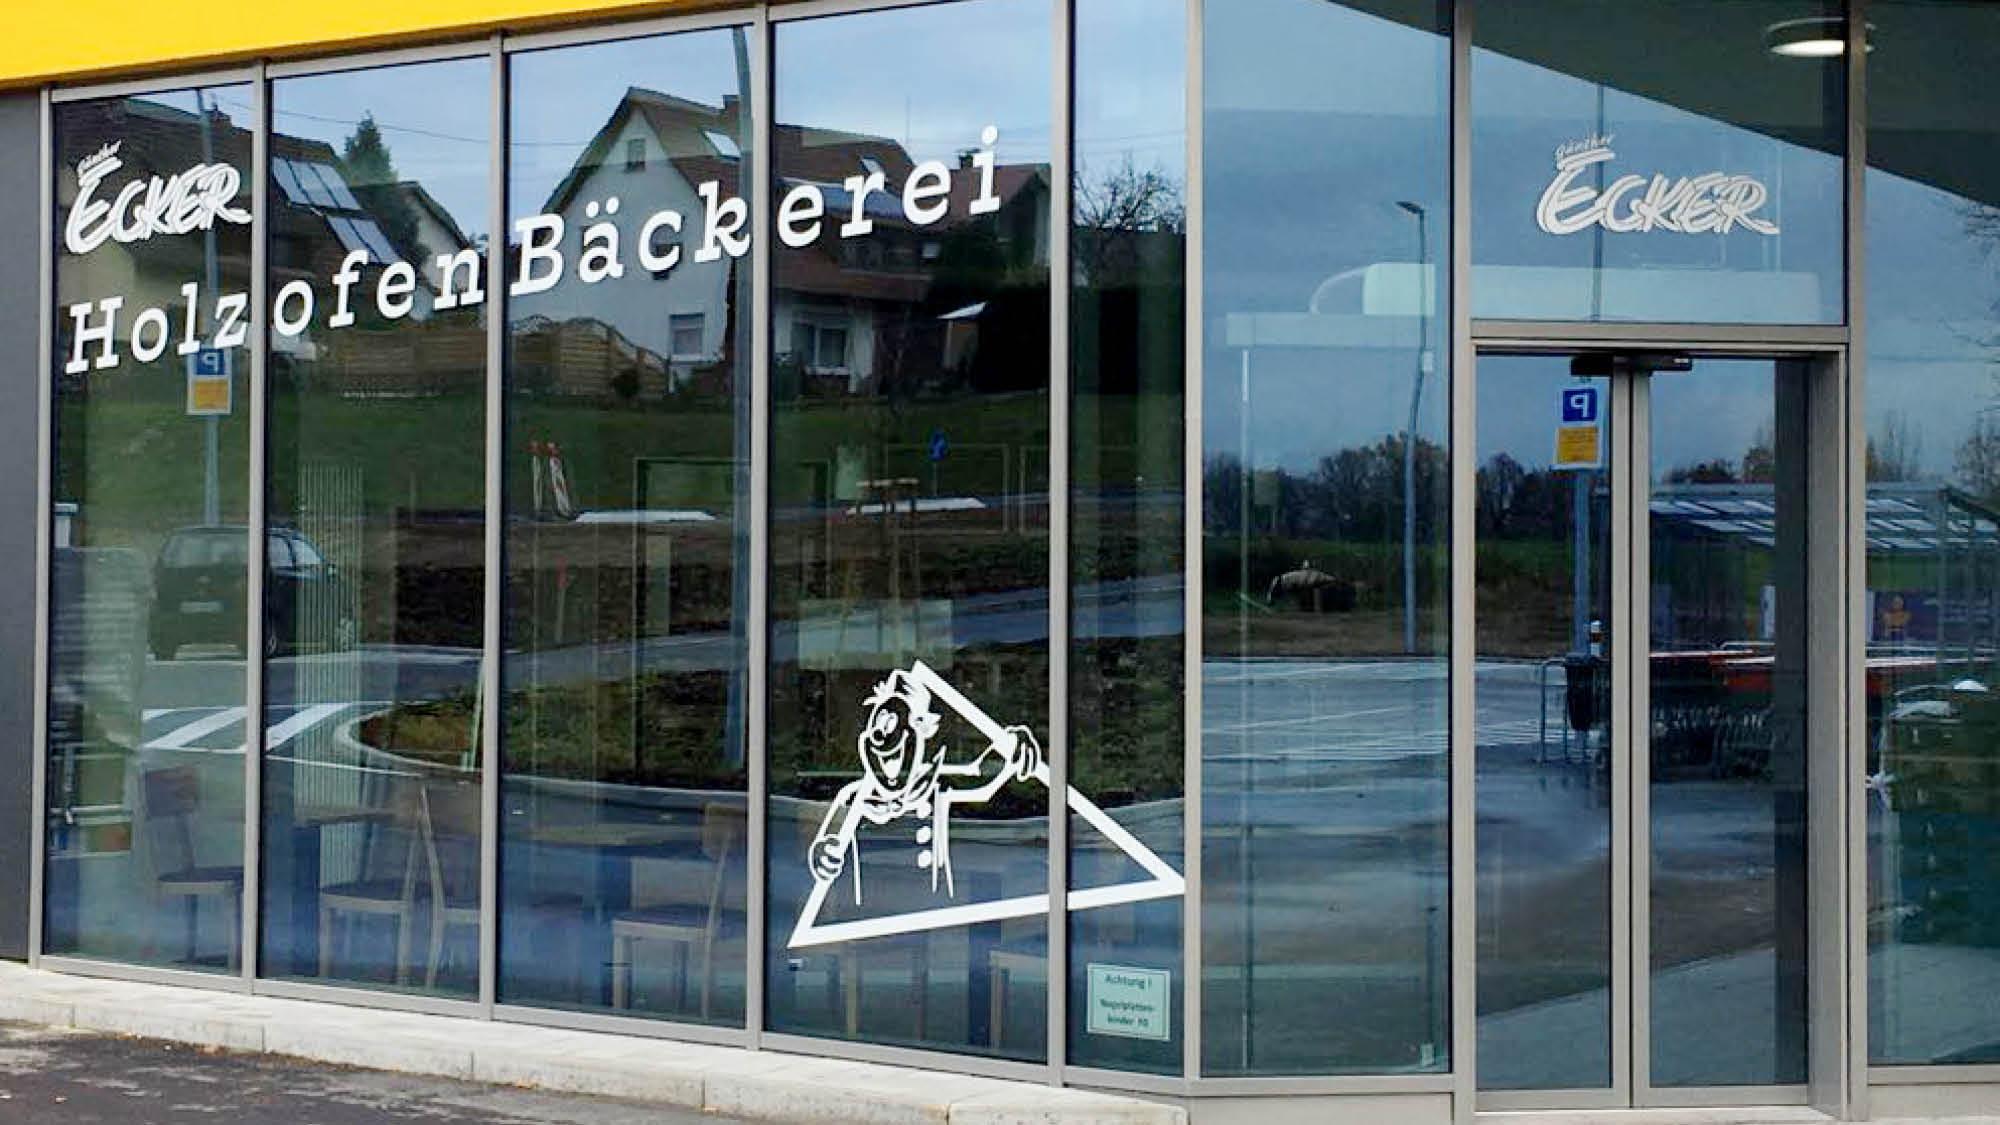 Baeckerei Ecker - Spraitbach - Schaufenster - Objektbeschriftung - 2017